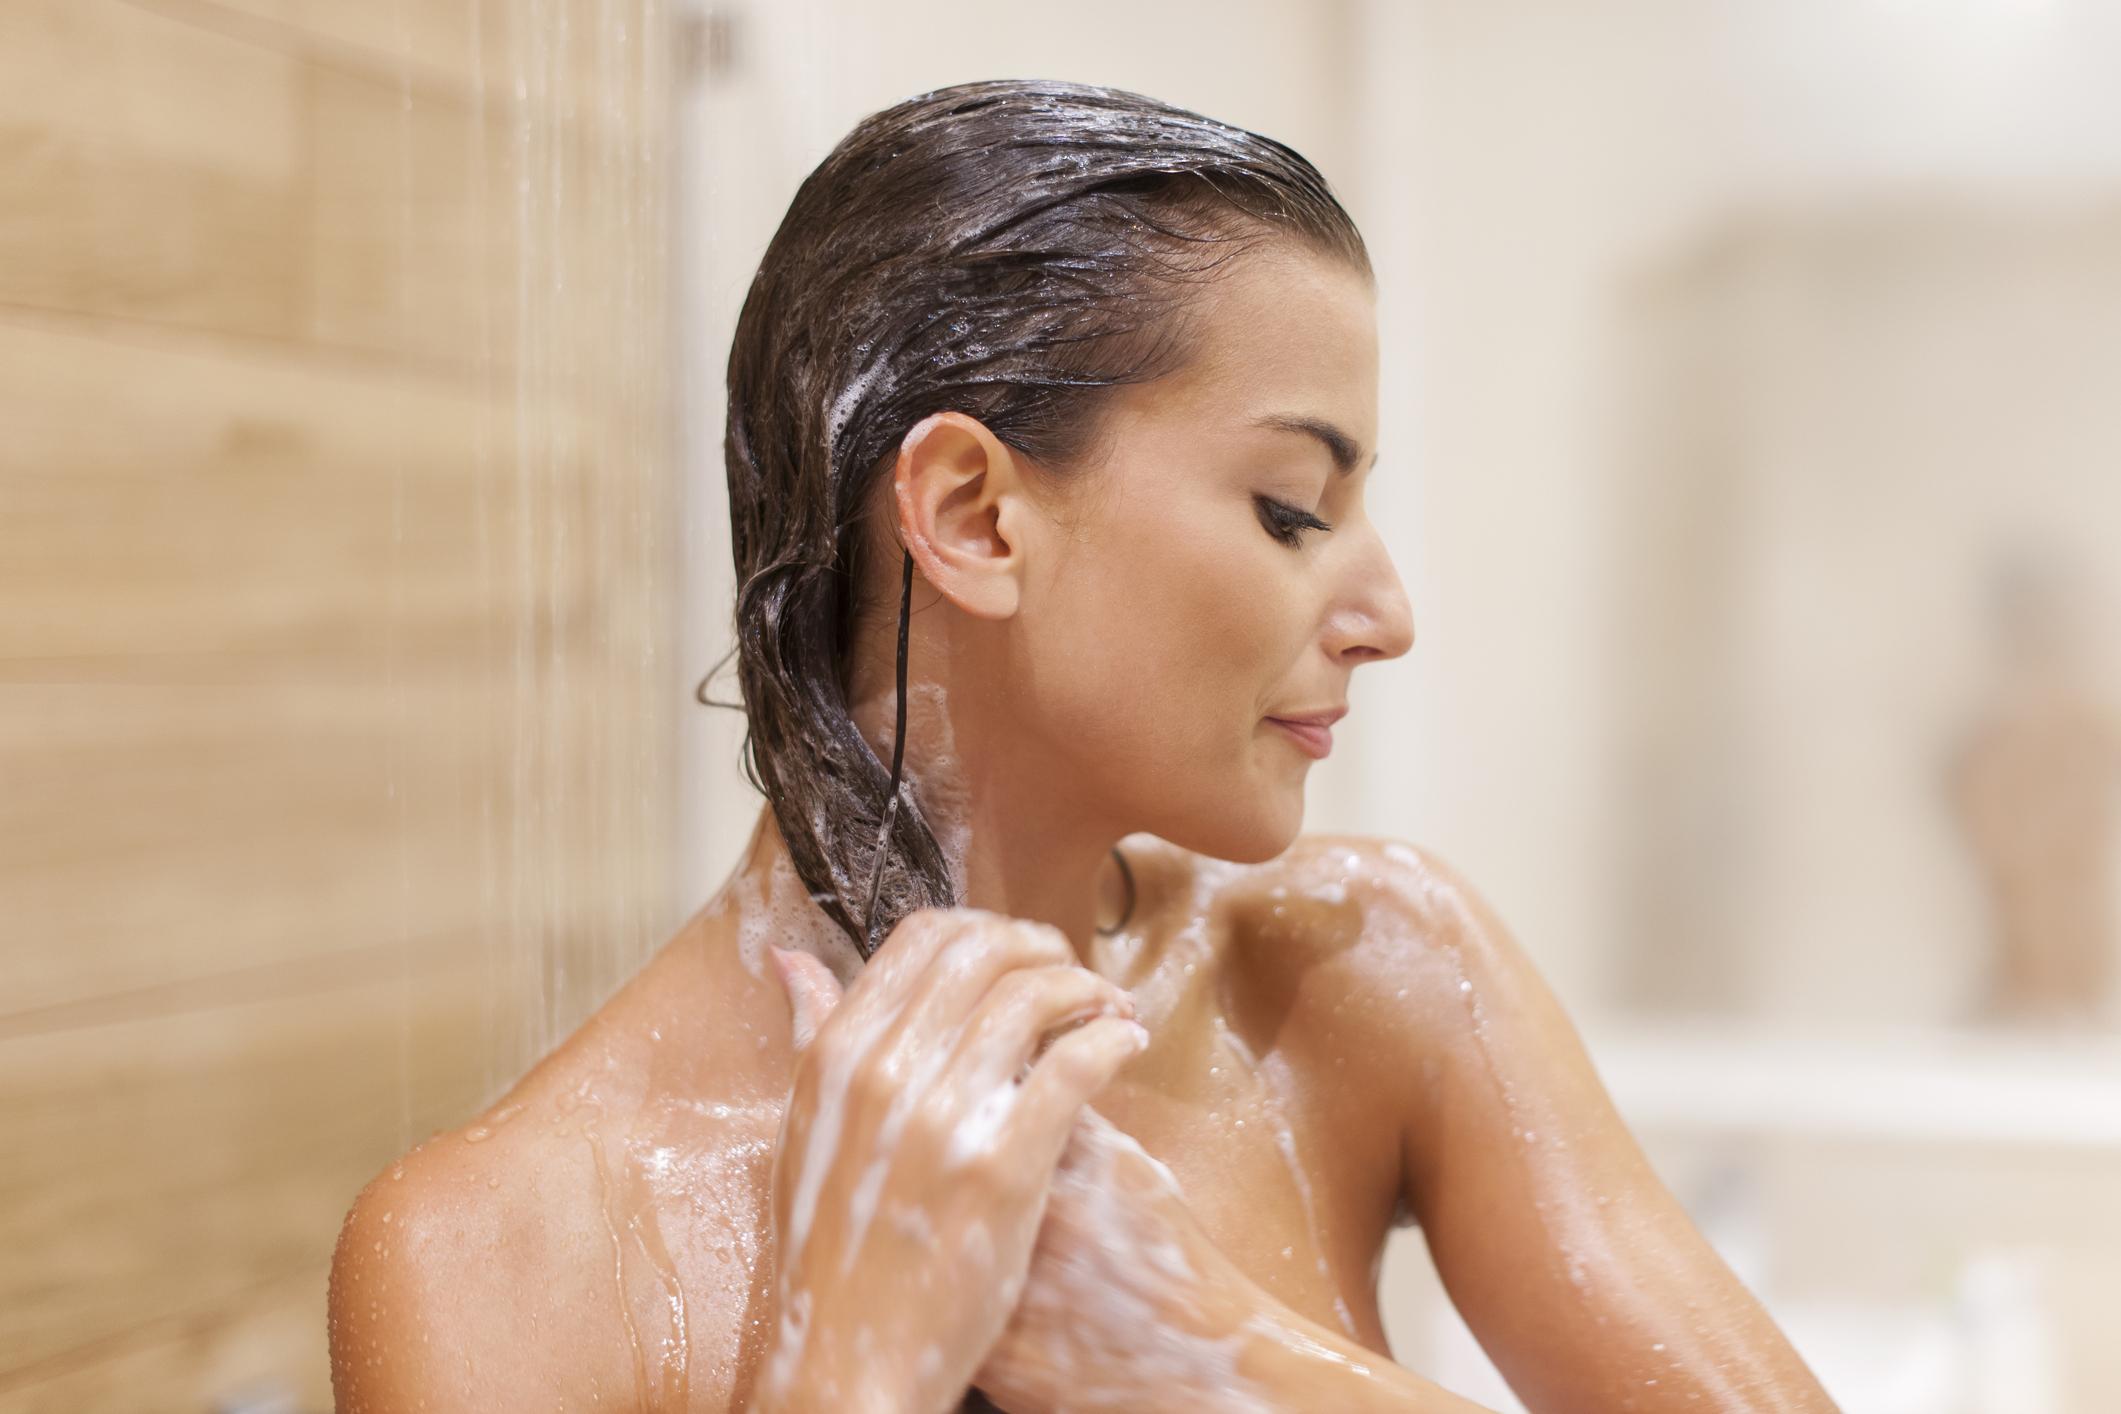 Mulher lavando o cabelo no banho